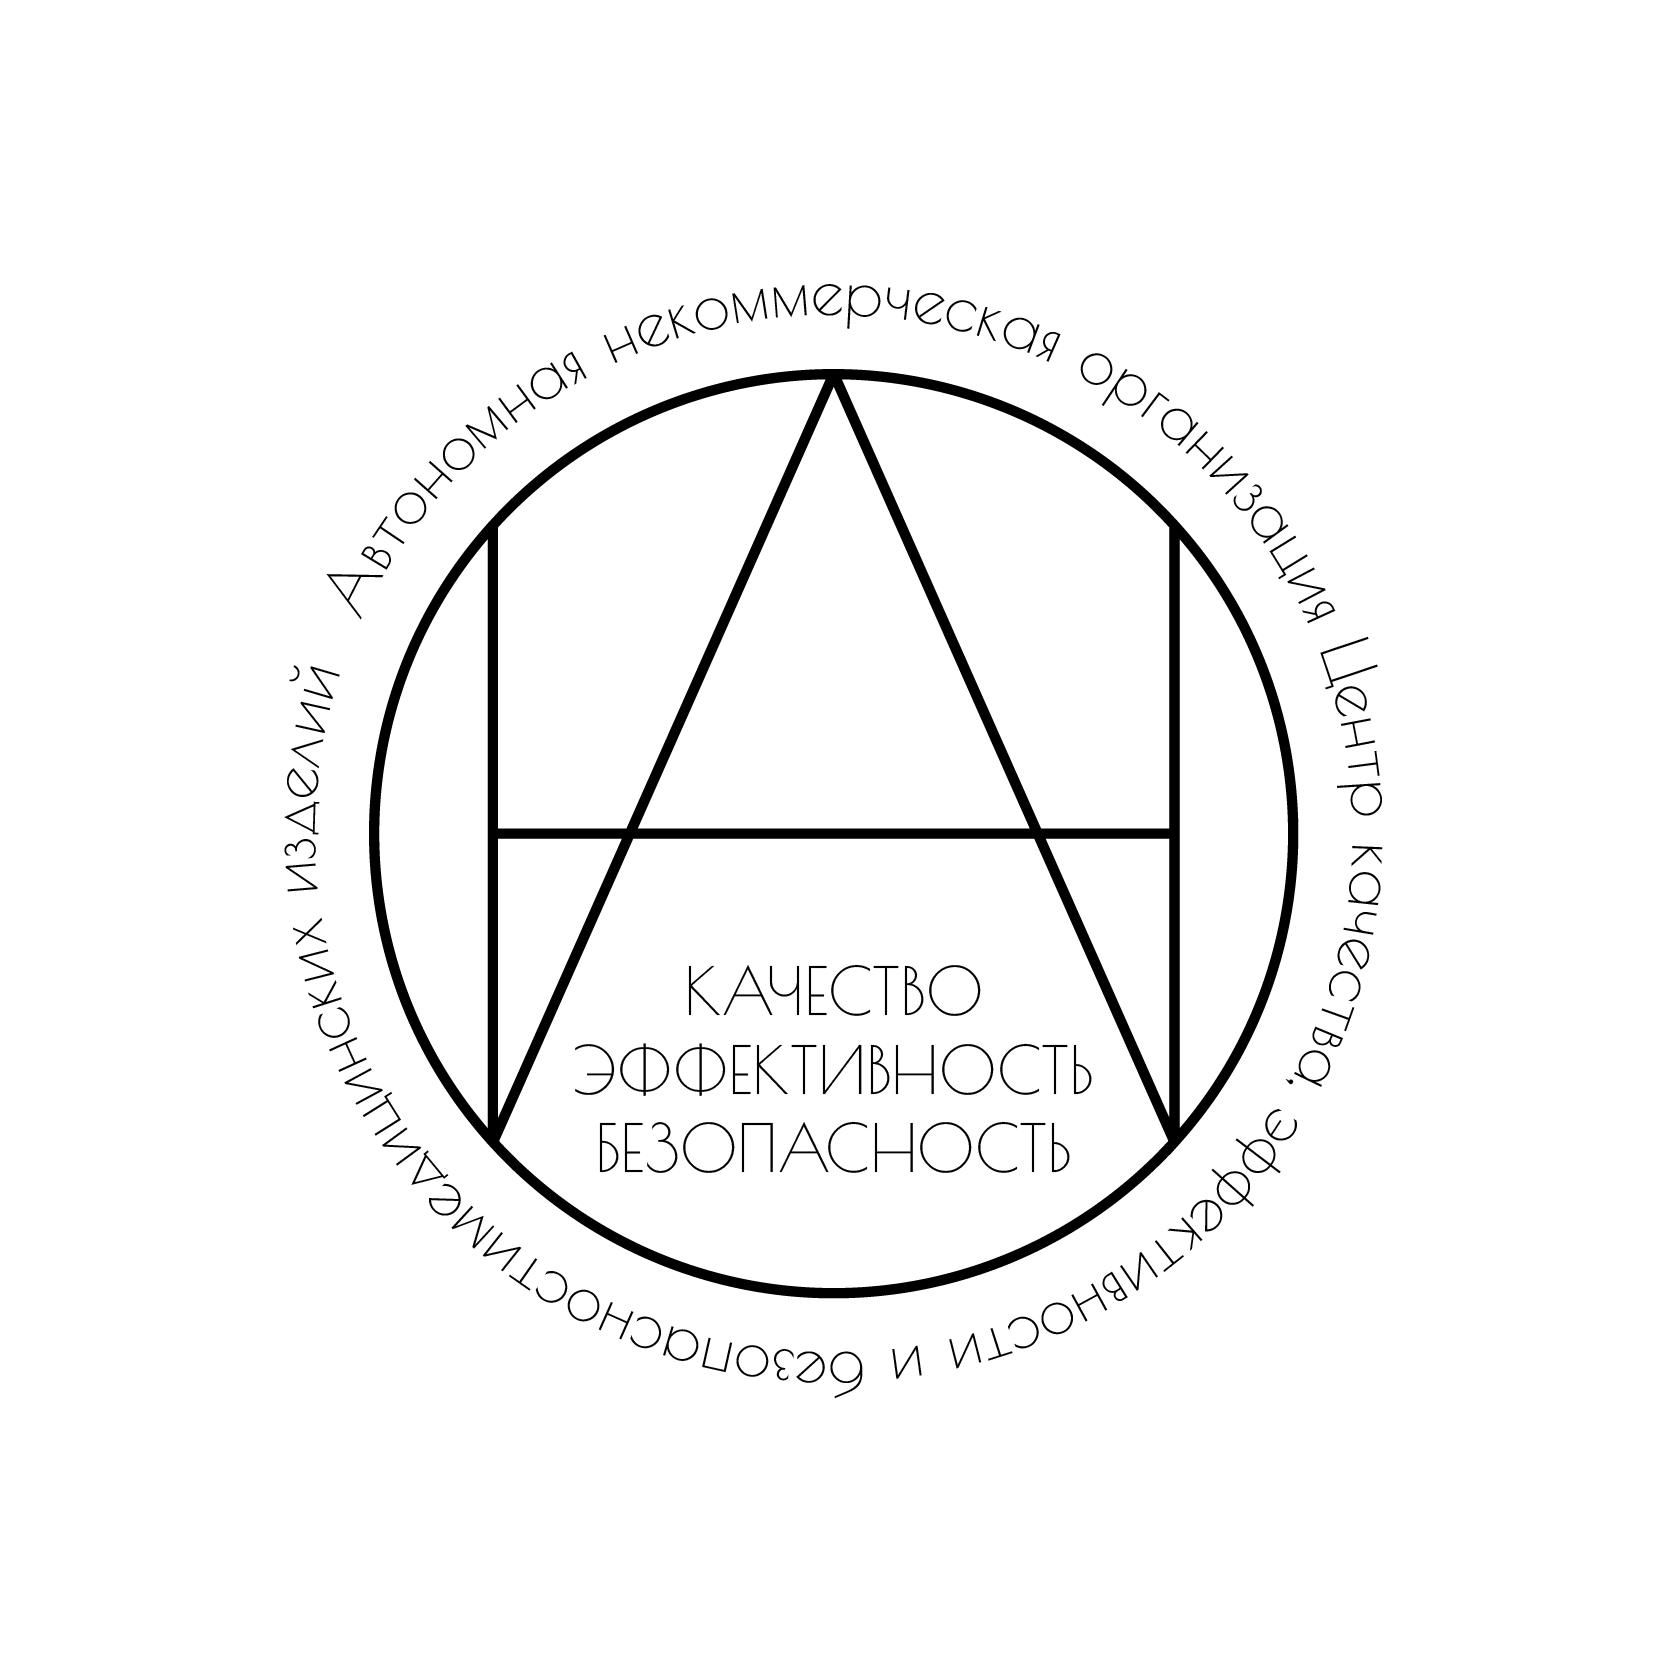 Редизайн логотипа АНО Центр КЭБМИ - BREVIS фото f_0885b1b6a3eee86c.png